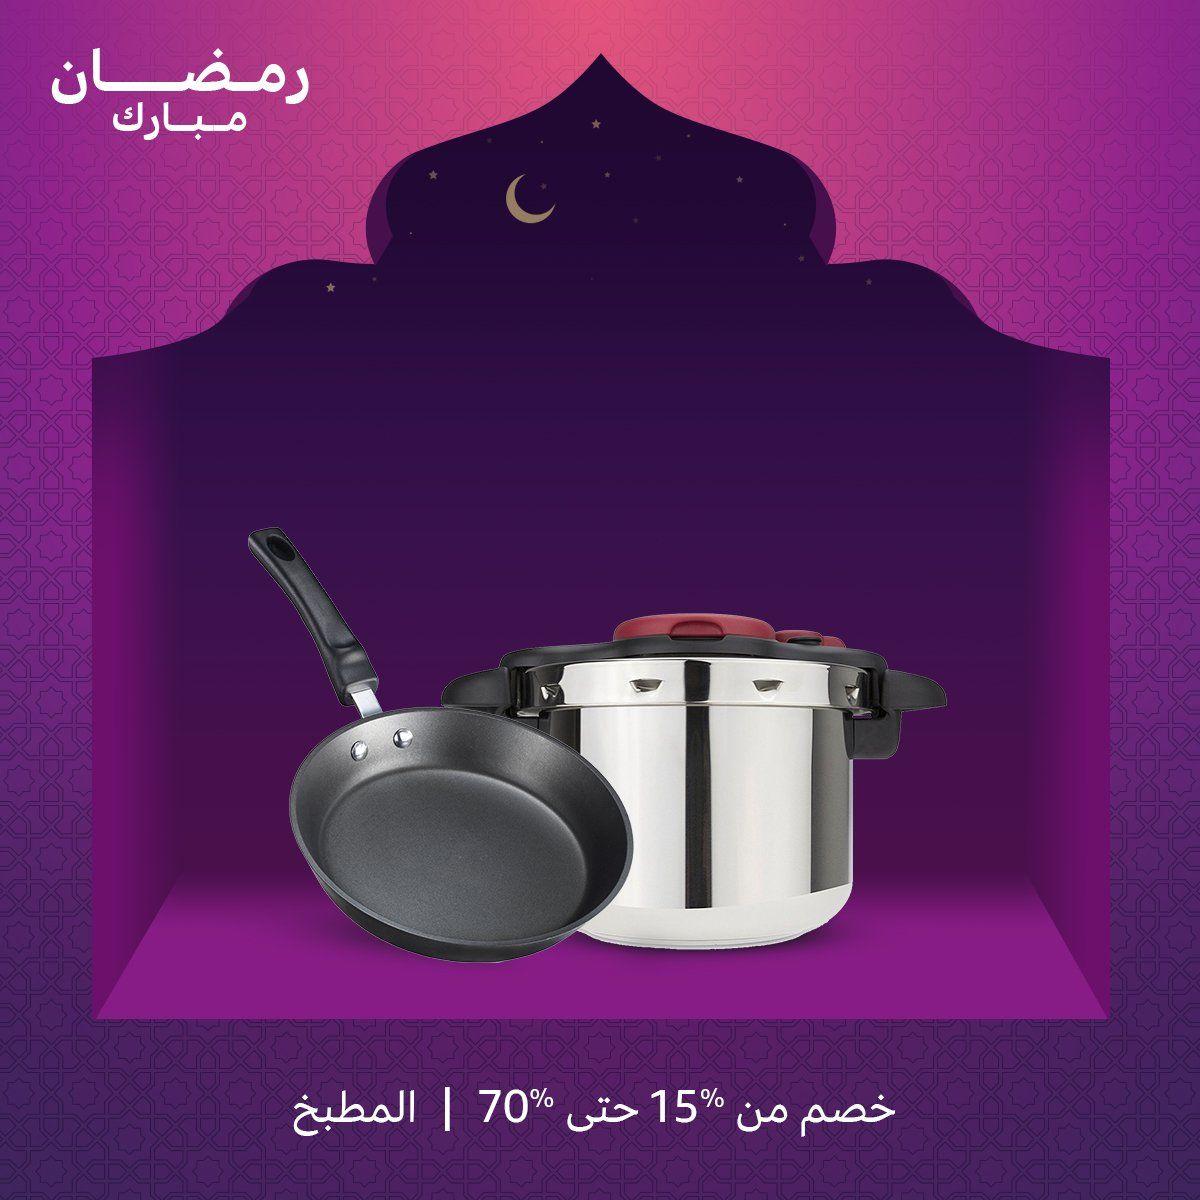 رمضان مبارك عروضنا غير بشهر الخير خصم من 15 حتى 70 على مستلزمات المطبخ أحصل